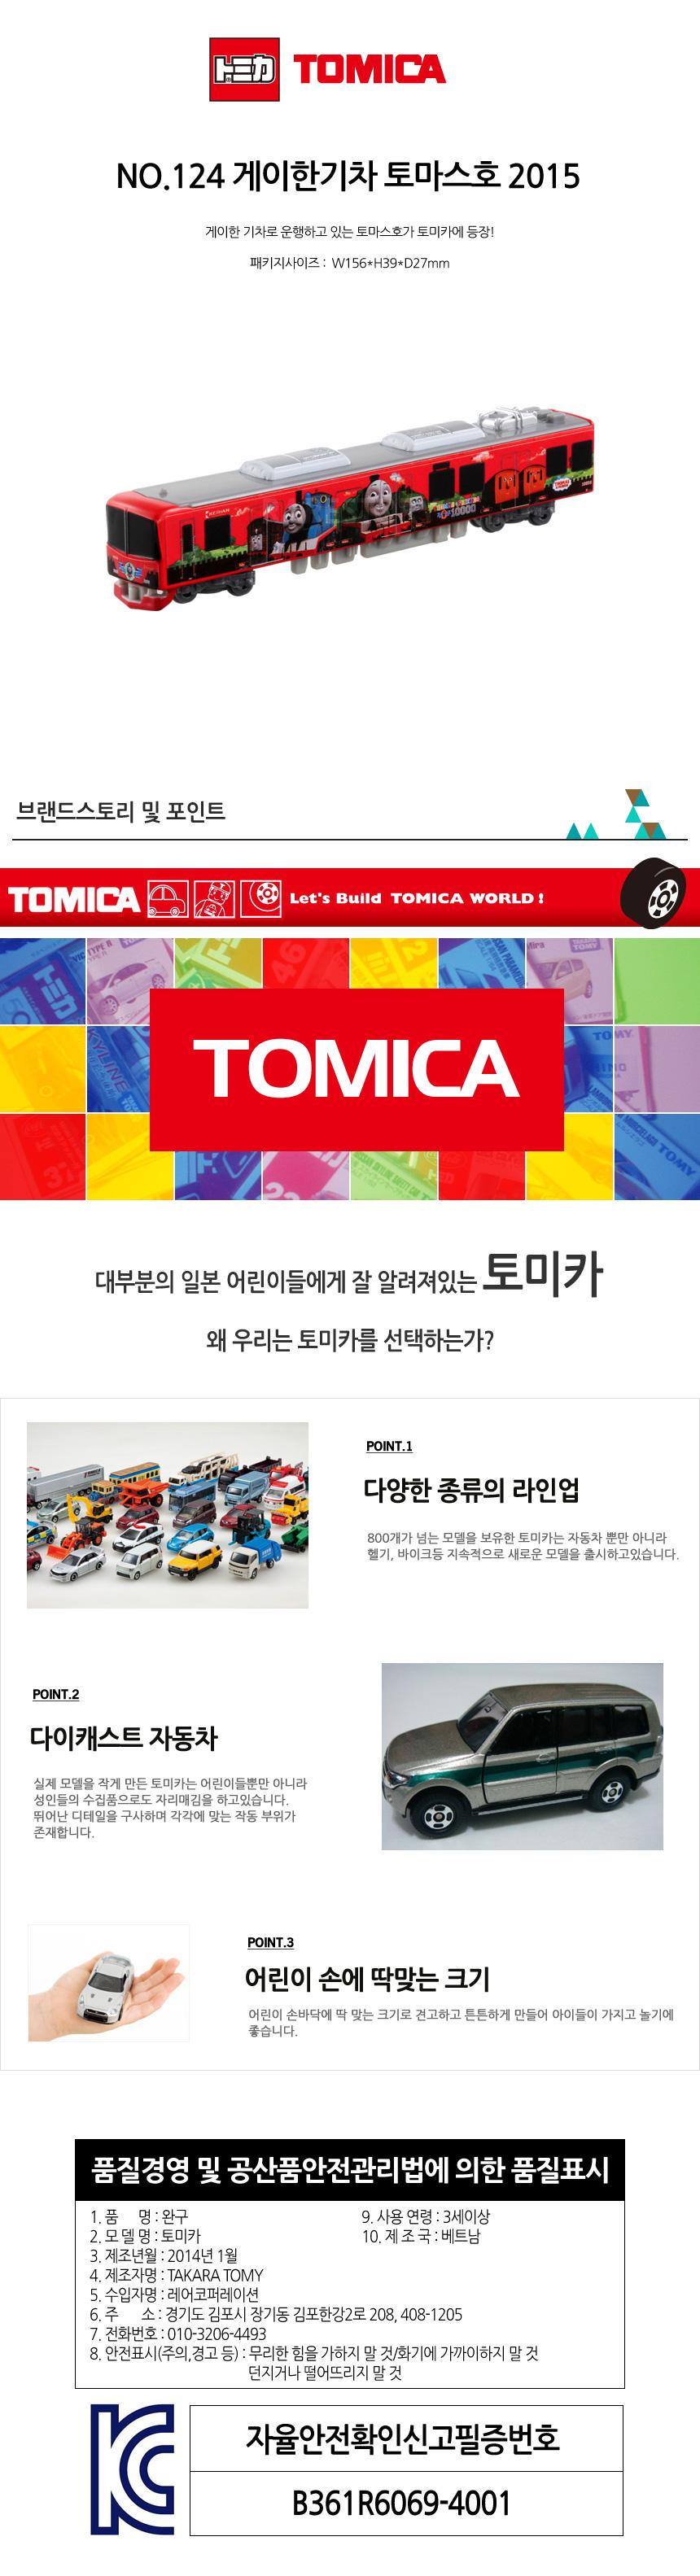 [토미카]NO.124 게이한 기차 토마스호 2015 - 토미카, 13,300원, 자동차 모형, 기타 자동차